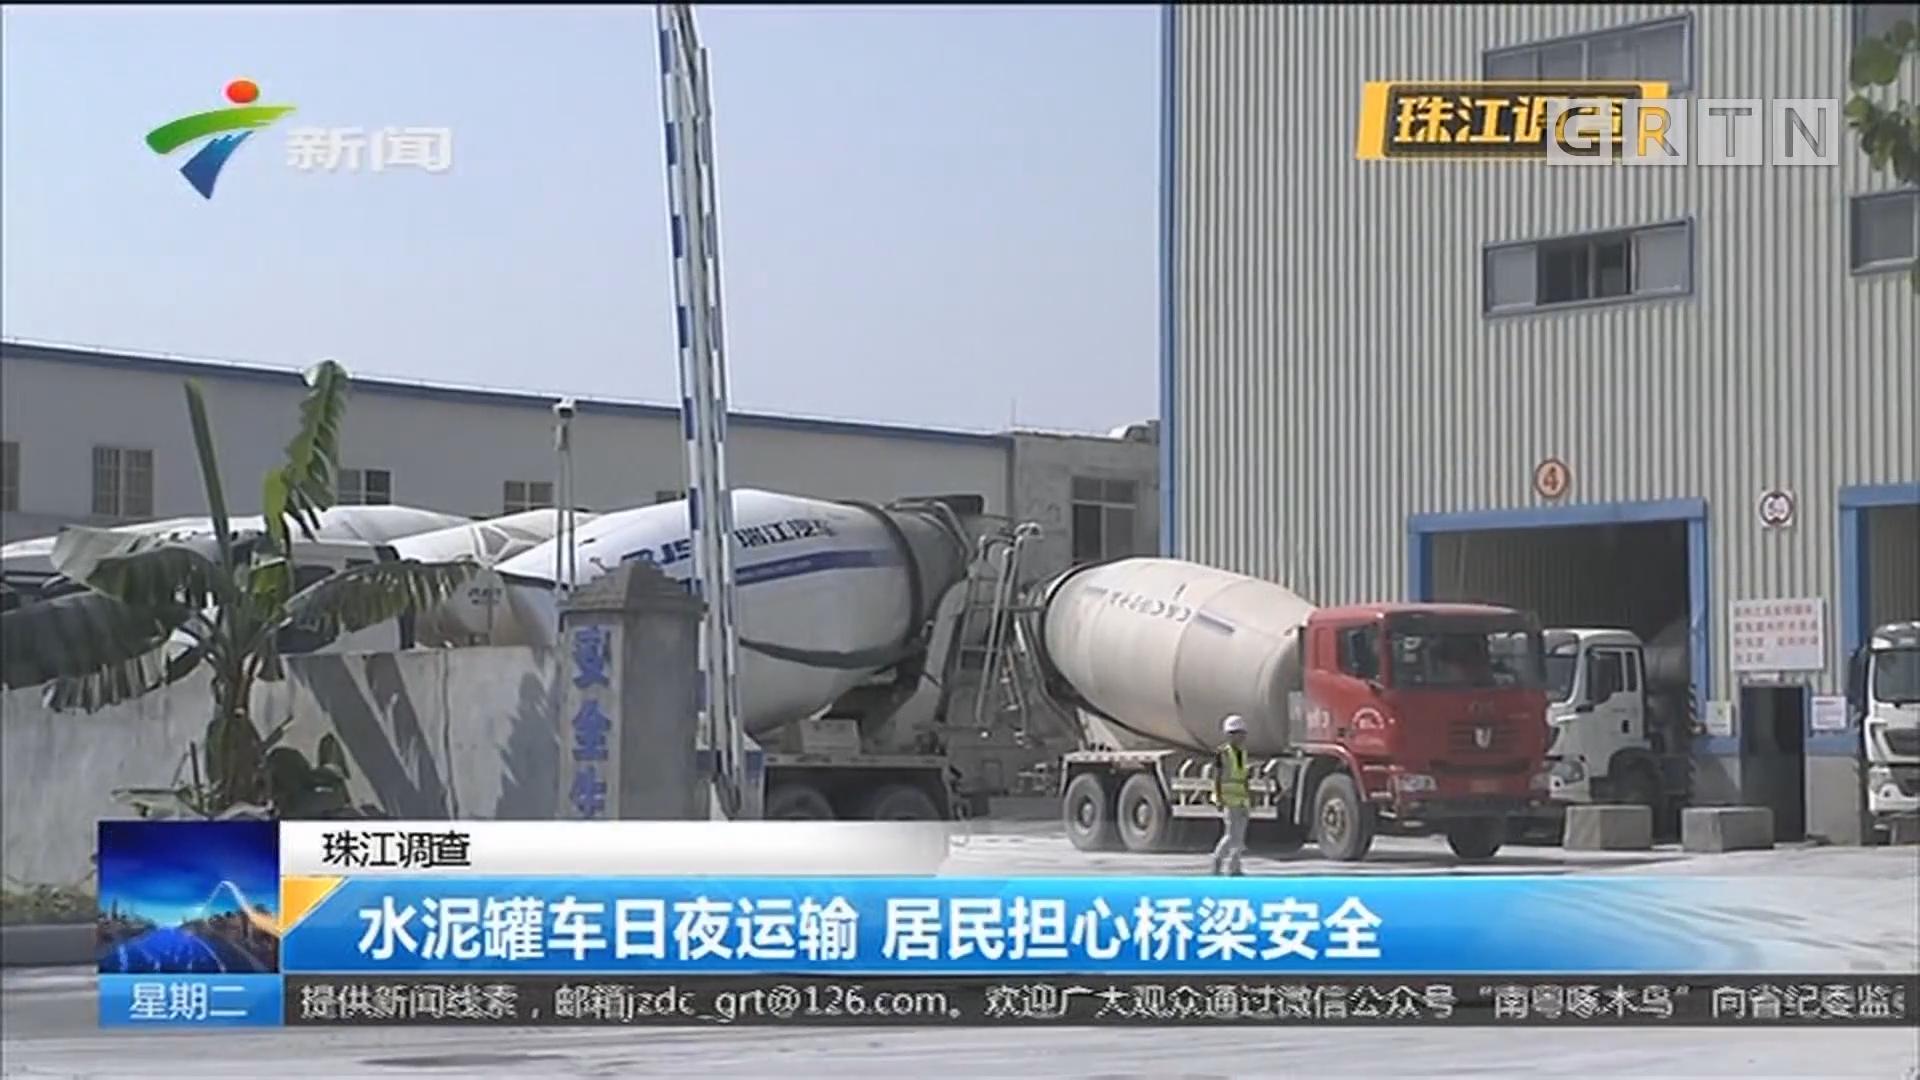 珠江调查:水泥罐车日夜运输 居民担心桥梁安全